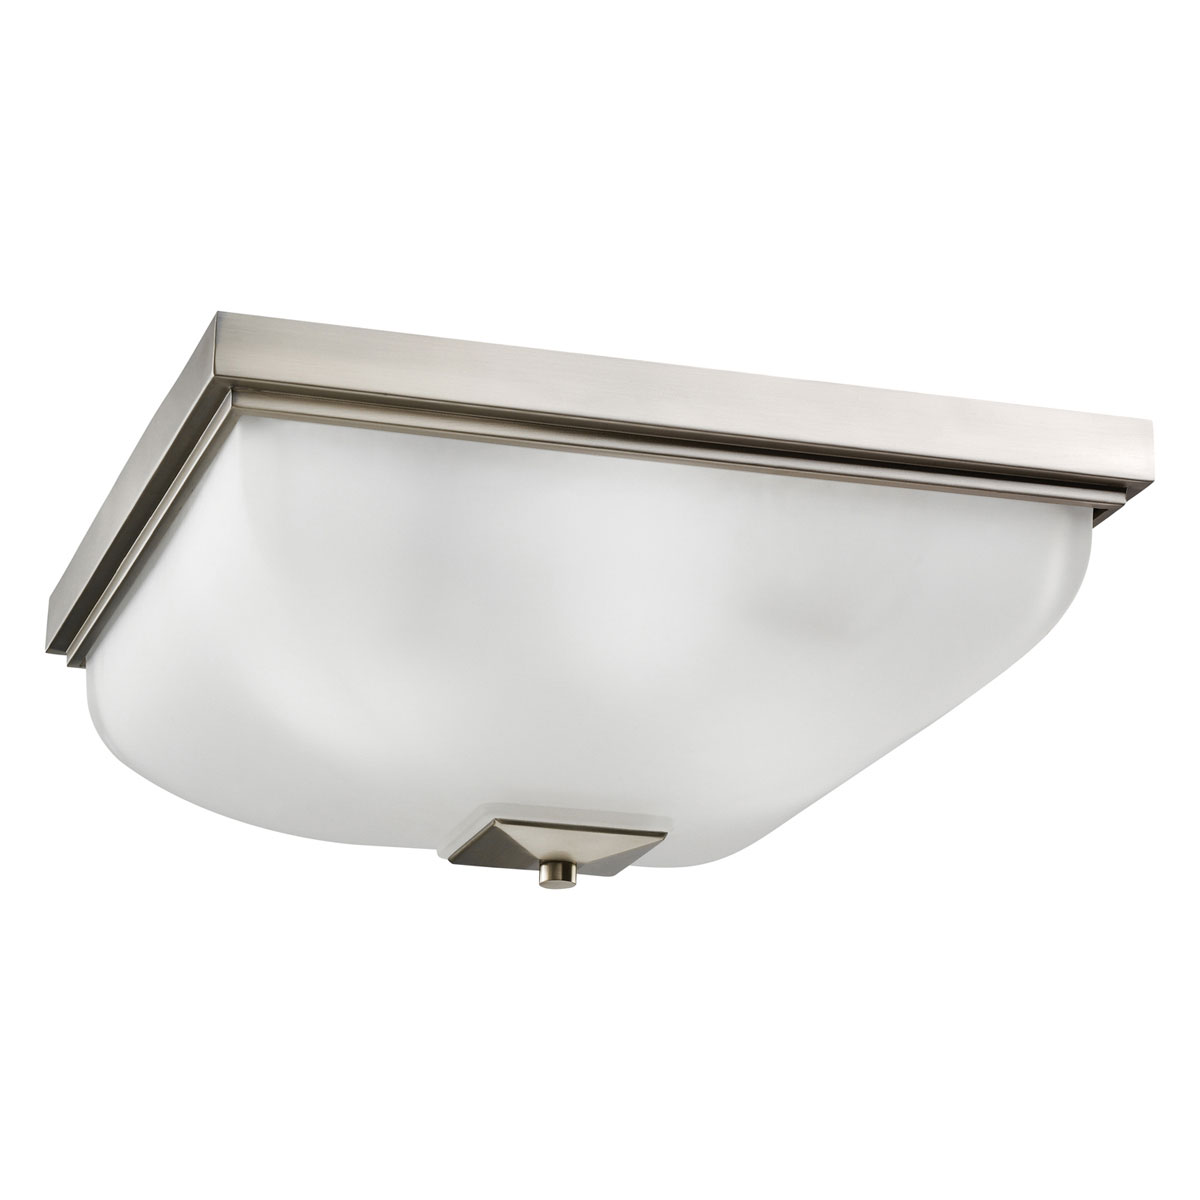 ceiling light contemporary photo - 5